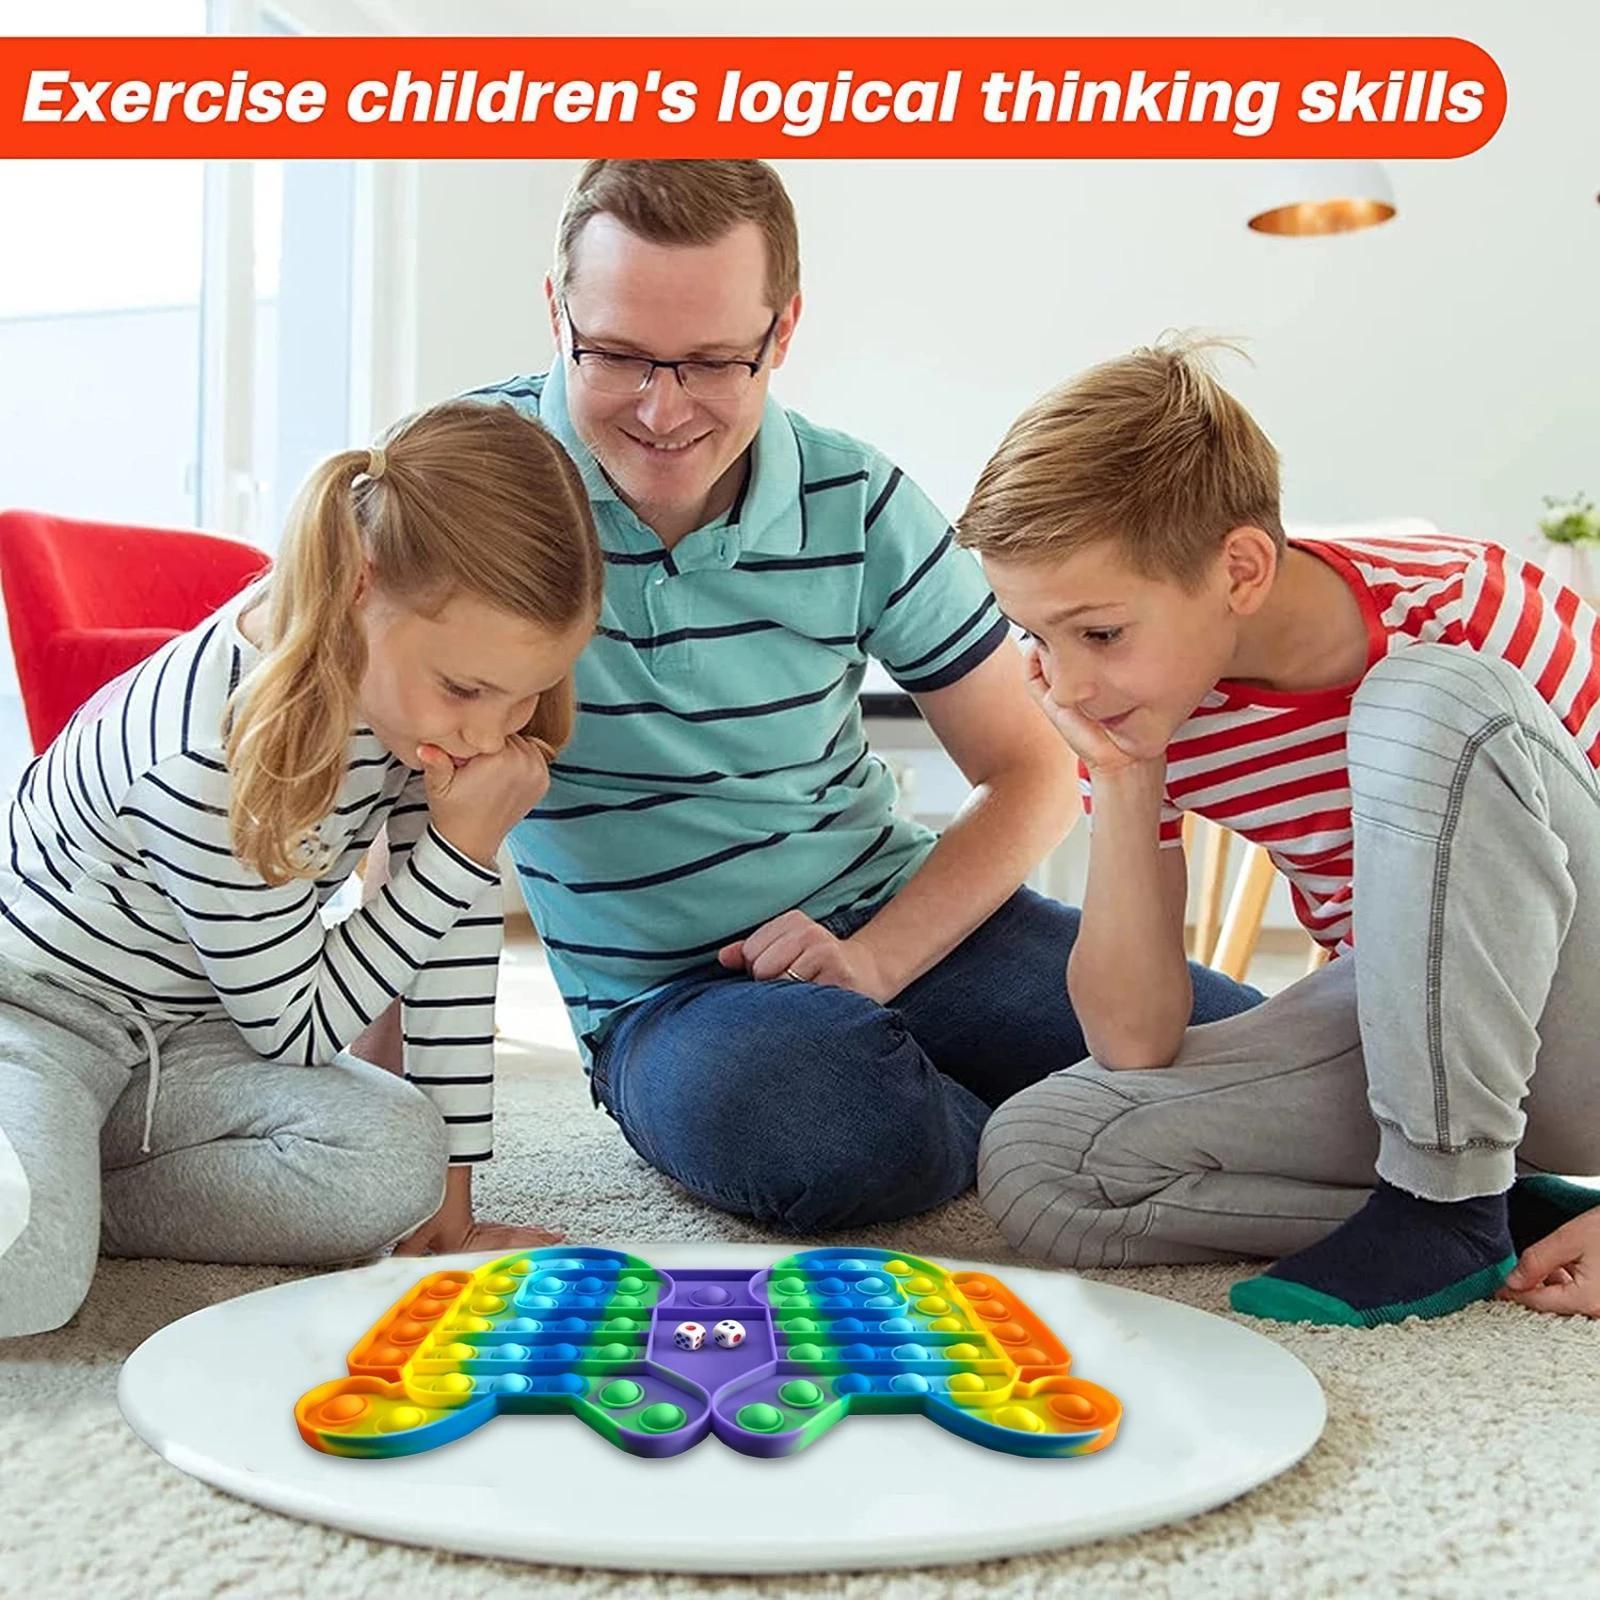 DHL Son Büyük Boy Oyunu Fidget Oyuncak Gökkuşağı Satranç Itme Kabarcık Fidget Sensory Oyuncaklar Ebeveyn-Çocuk Zaman INTERACTICTICT GAME GYQ